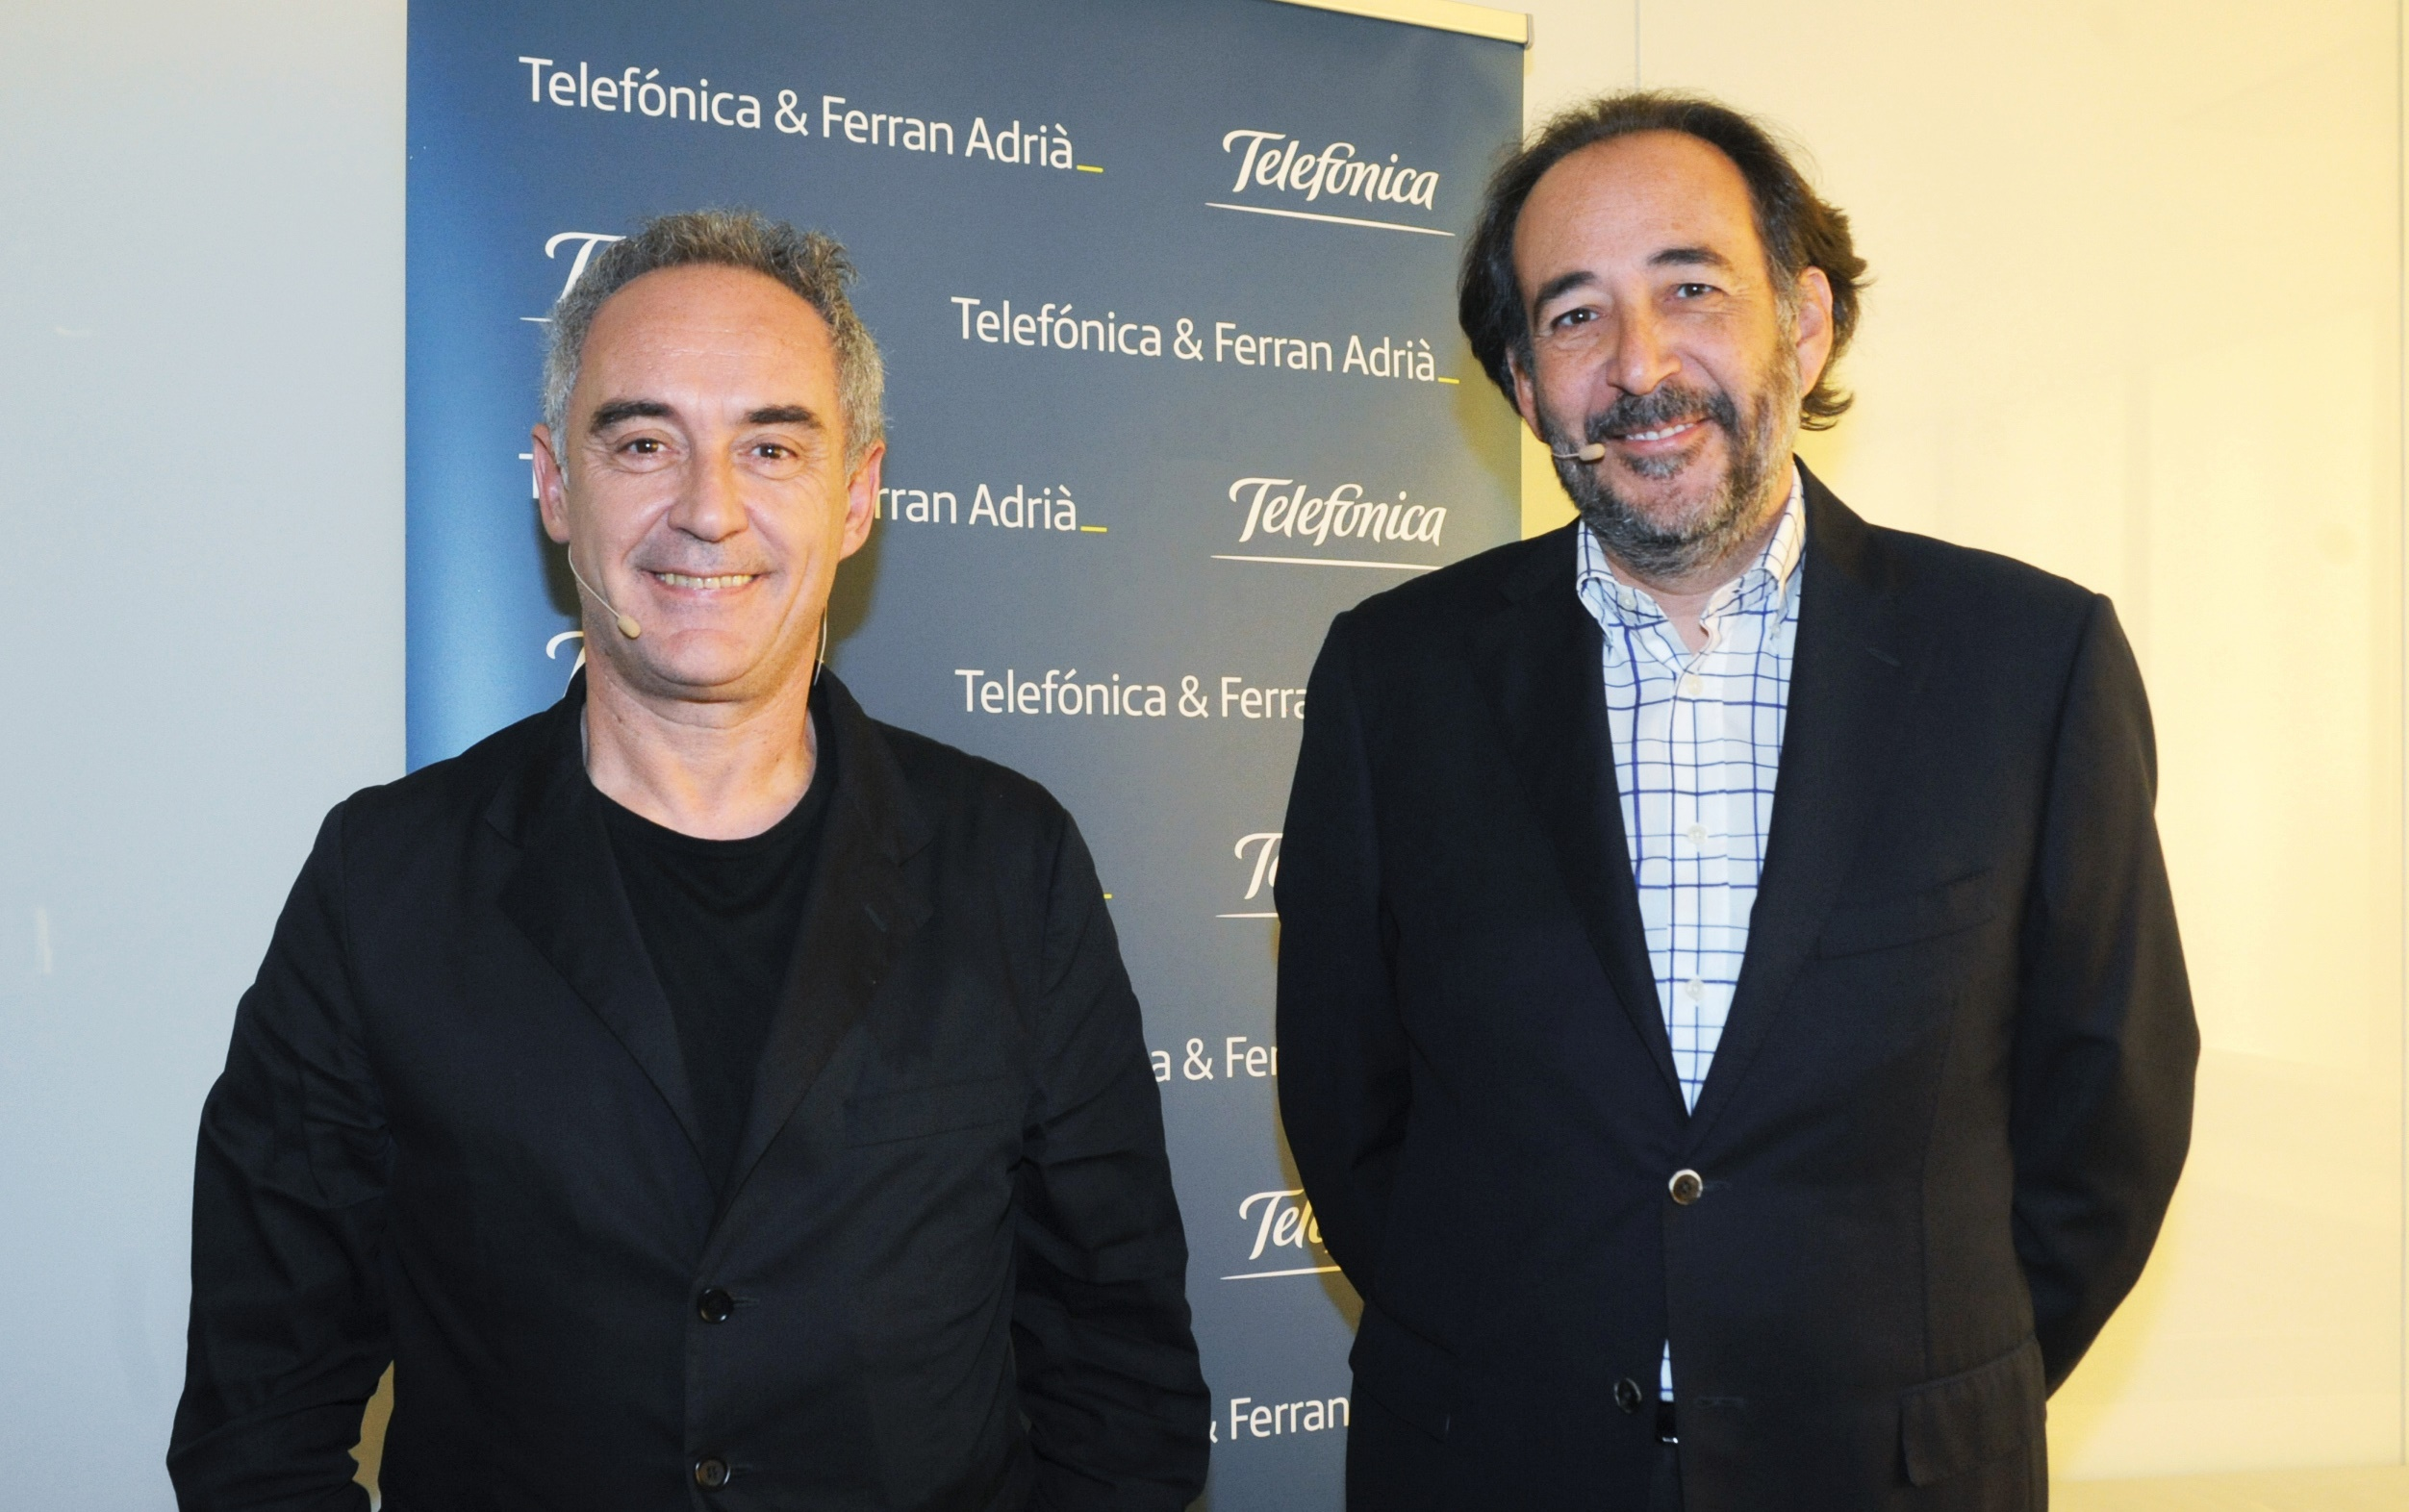 Telefonica renueva alianza con Ferran Adria